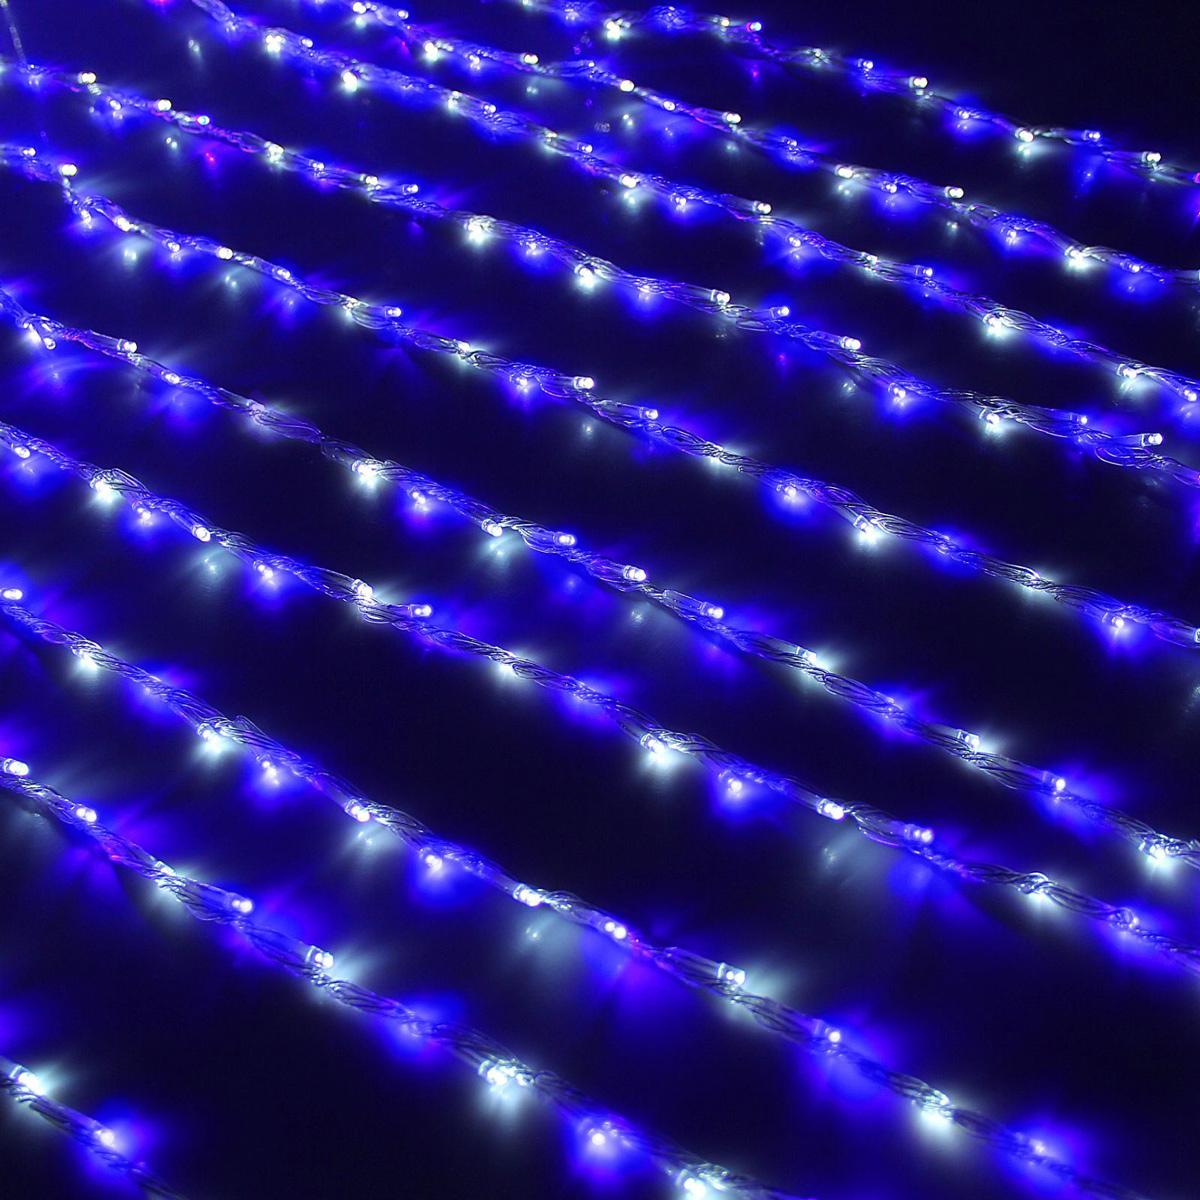 Гирлянда светодиодная Luazon Дождь, уличная, 1500 ламп, 220 V, цвет: синий, 2 х 6 м. 10802021080202Светодиодные гирлянды, ленты и т.д — это отличный вариант для новогоднего оформления интерьера или фасада. С их помощью помещение любого размера можно превратить в праздничный зал, а внешние элементы зданий, украшенные ими, мгновенно станут напоминать очертания сказочного дворца. Такие украшения создают ауру предвкушения чуда. Деревья, фасады, витрины, окна и арки будто специально созданы, чтобы вы украсили их светящимися нитями.